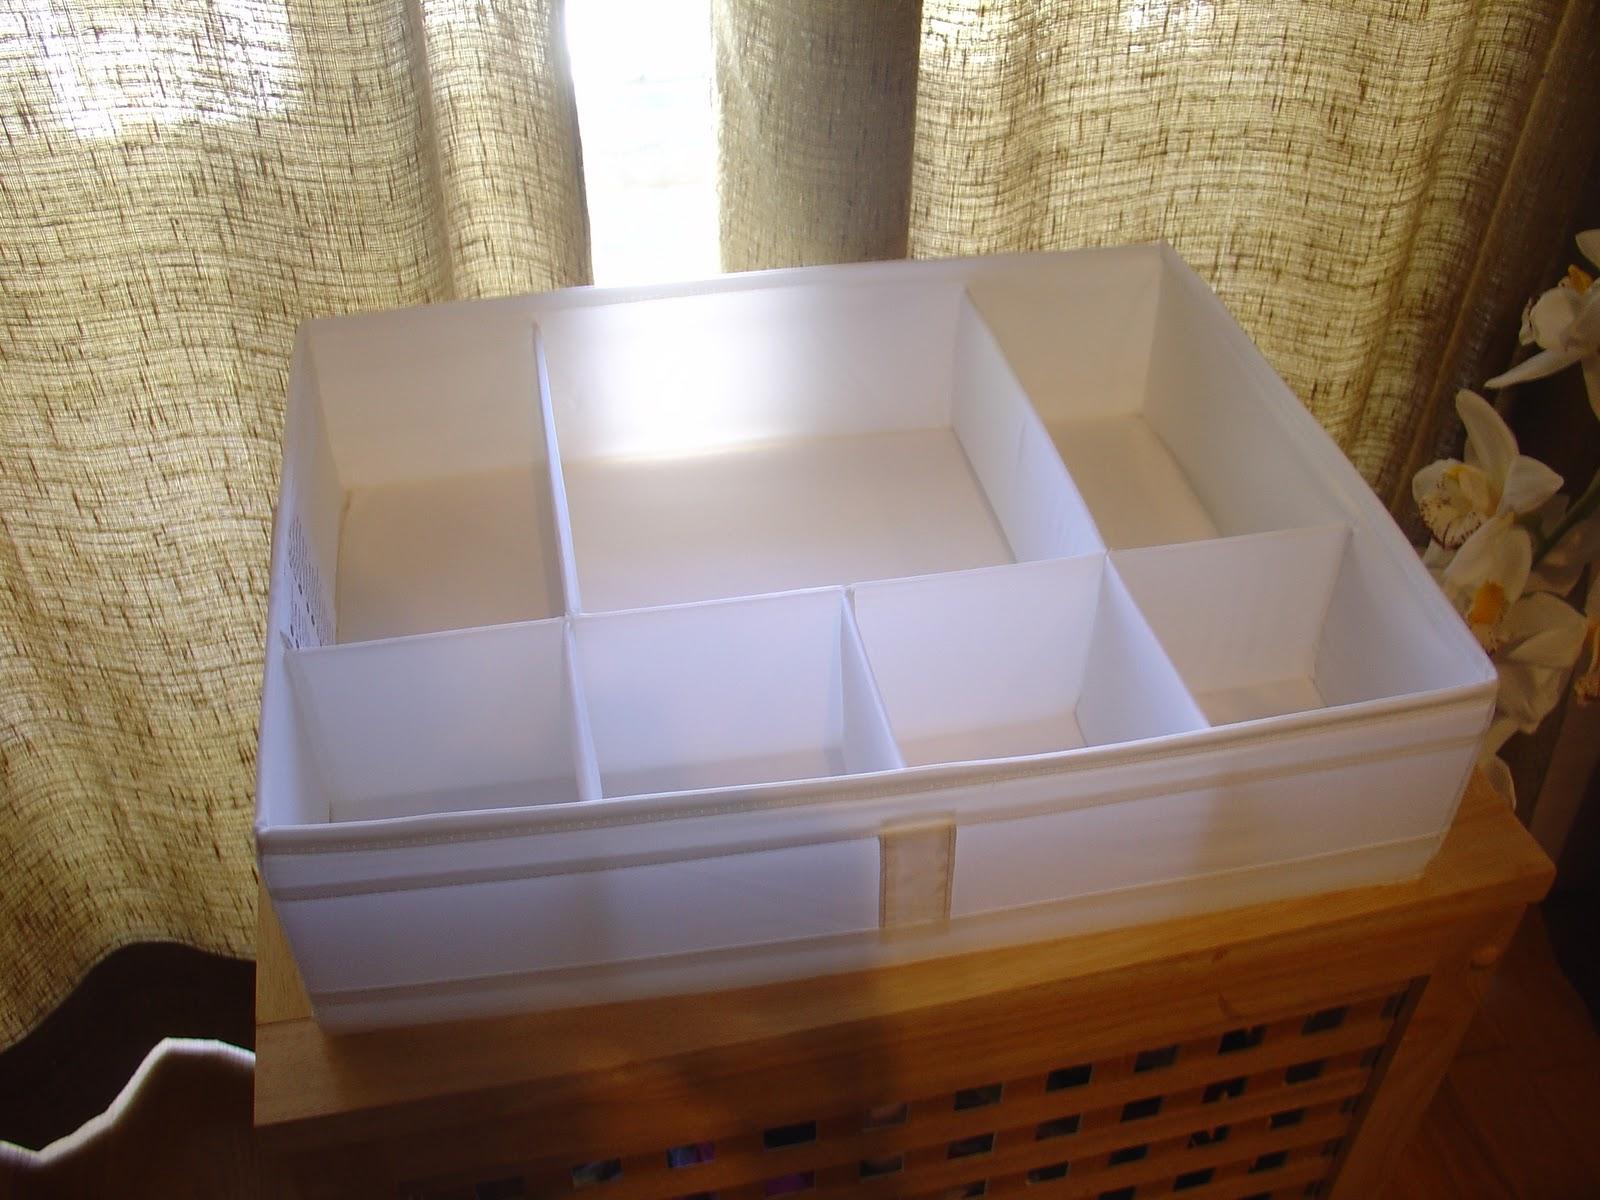 Organizador de gavetas cintos hello you - Ikea organizador cocina ...